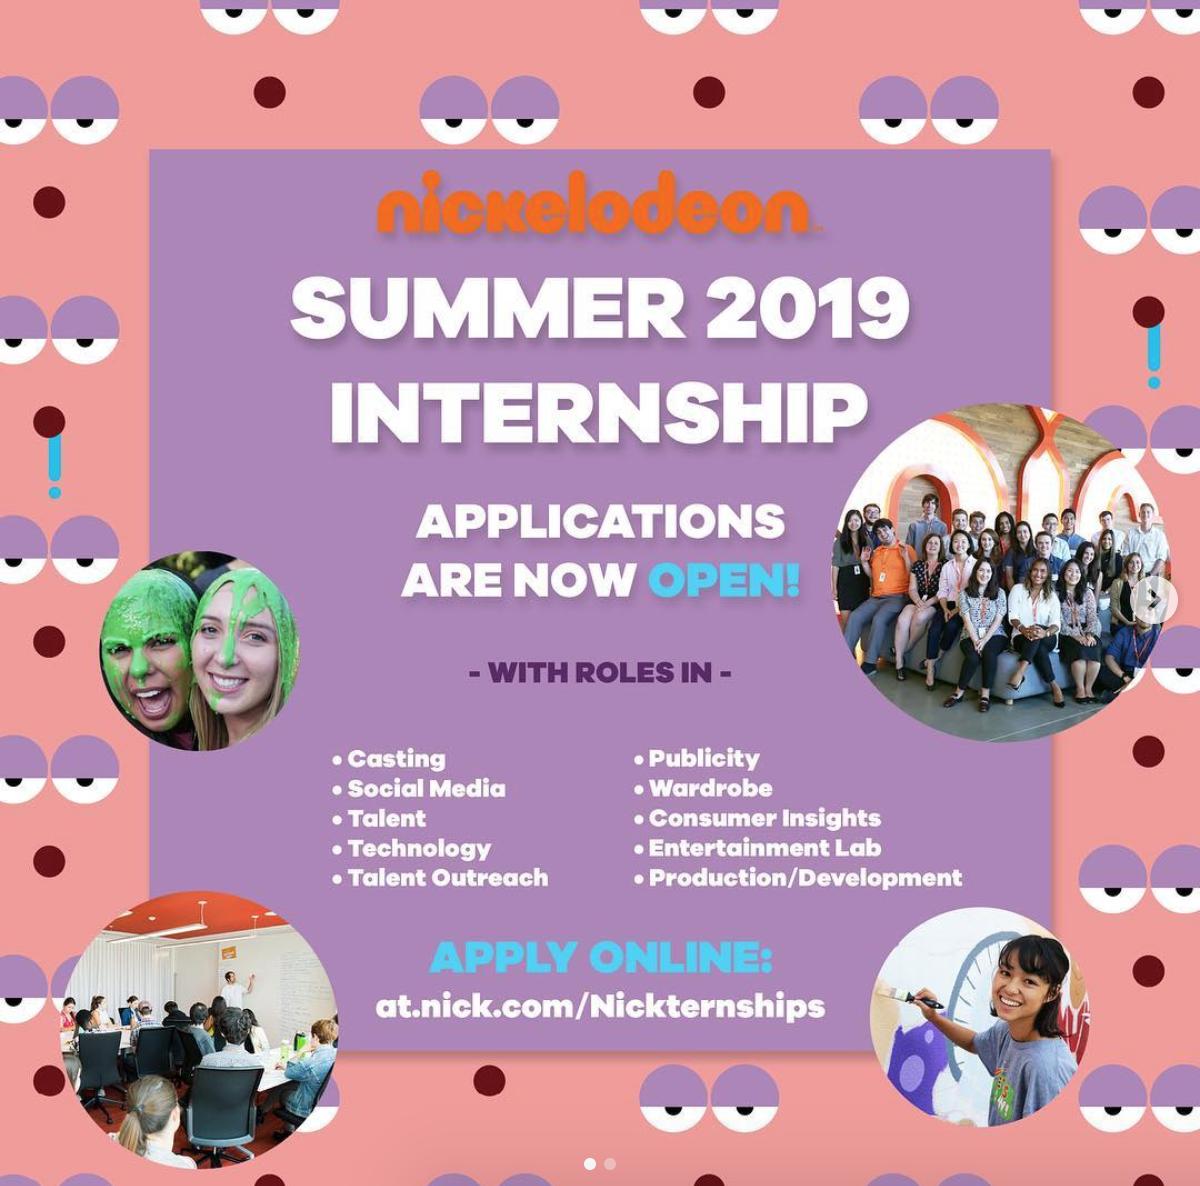 Instagram graphic for Nickelodeon internship